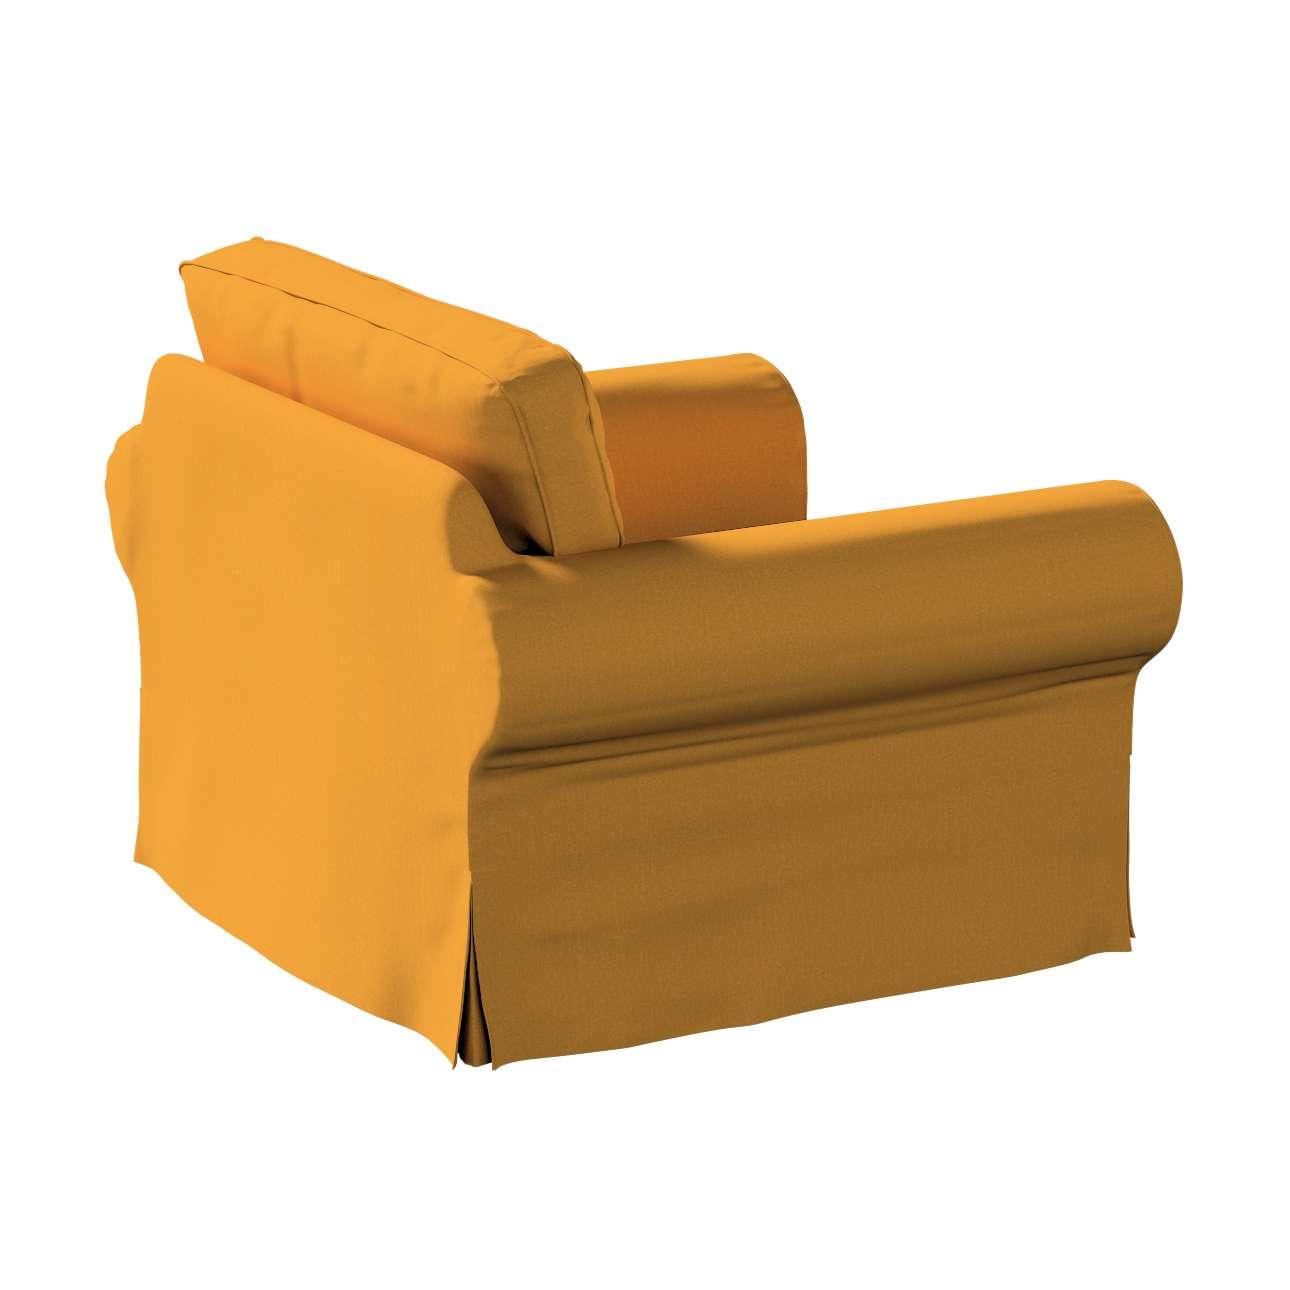 Bezug für Ektorp Sessel von der Kollektion Living, Stoff: 161-64